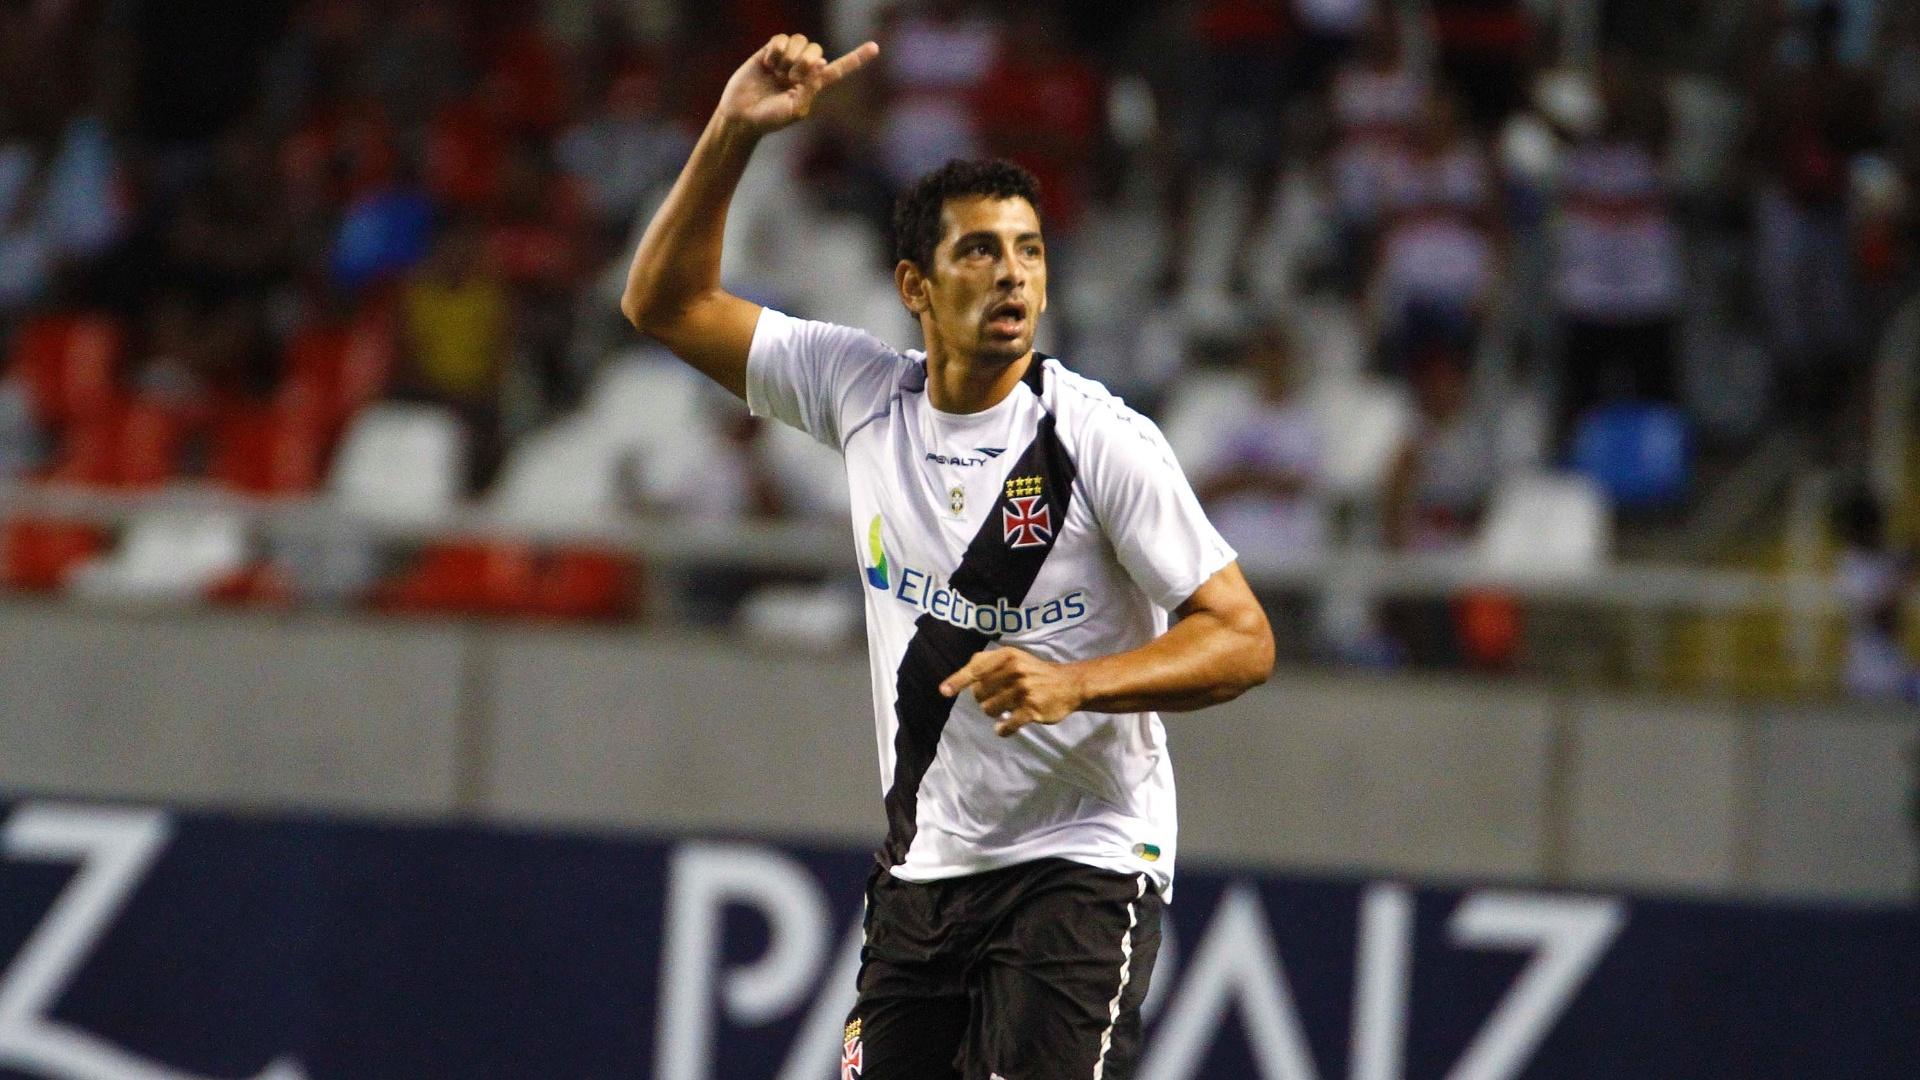 Atacante Diego Souza vibra após balançar as redes do Flamengo e empatar o clássico para o Vasco, no estádio do Engenhão, pelo Campeonato Carioca